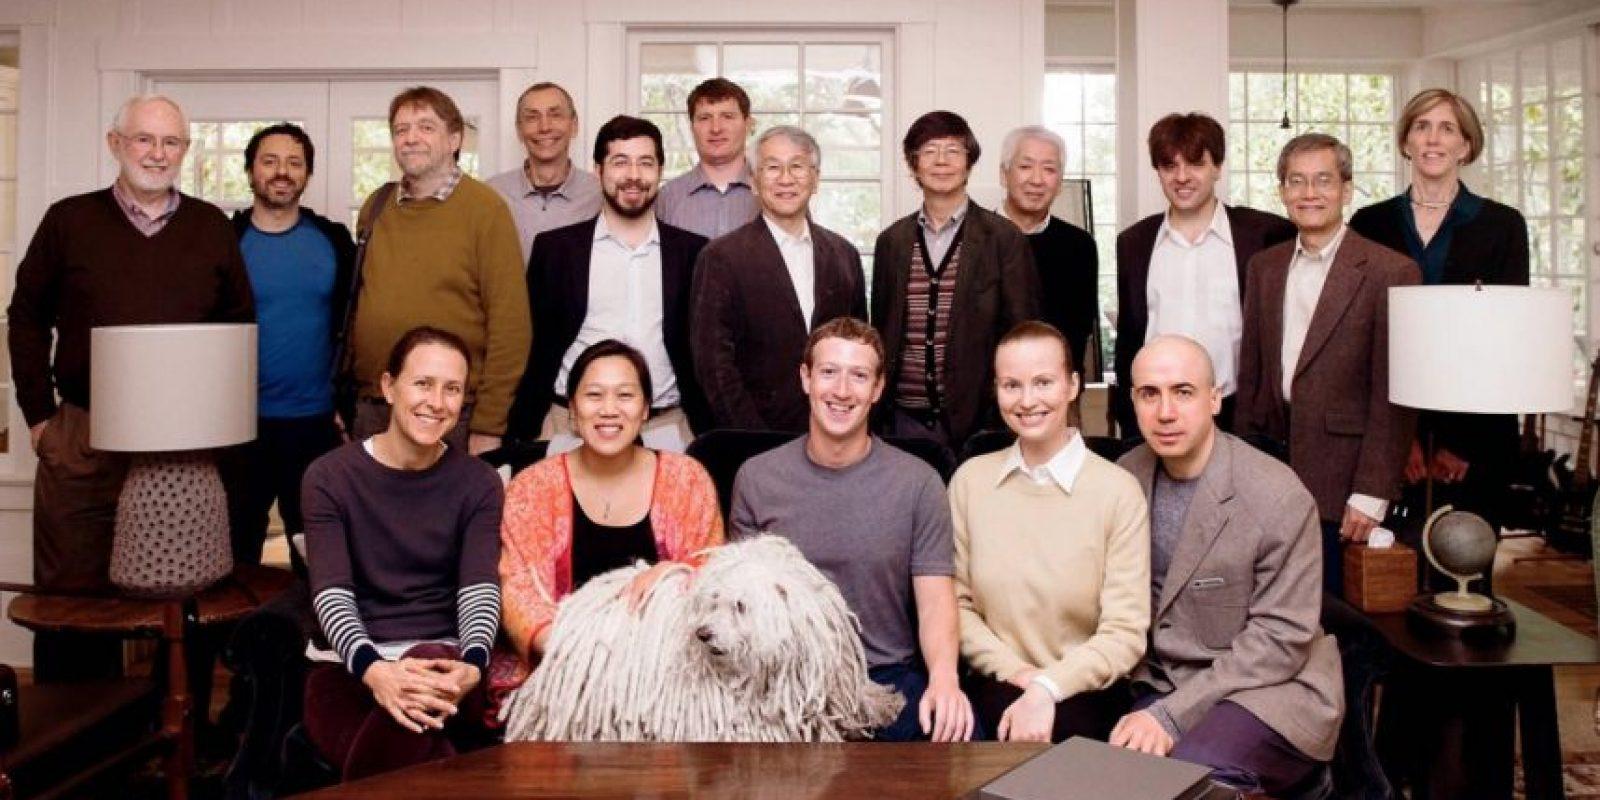 Sus amigos siempre están cerca. Foto:facebook.com/zuck